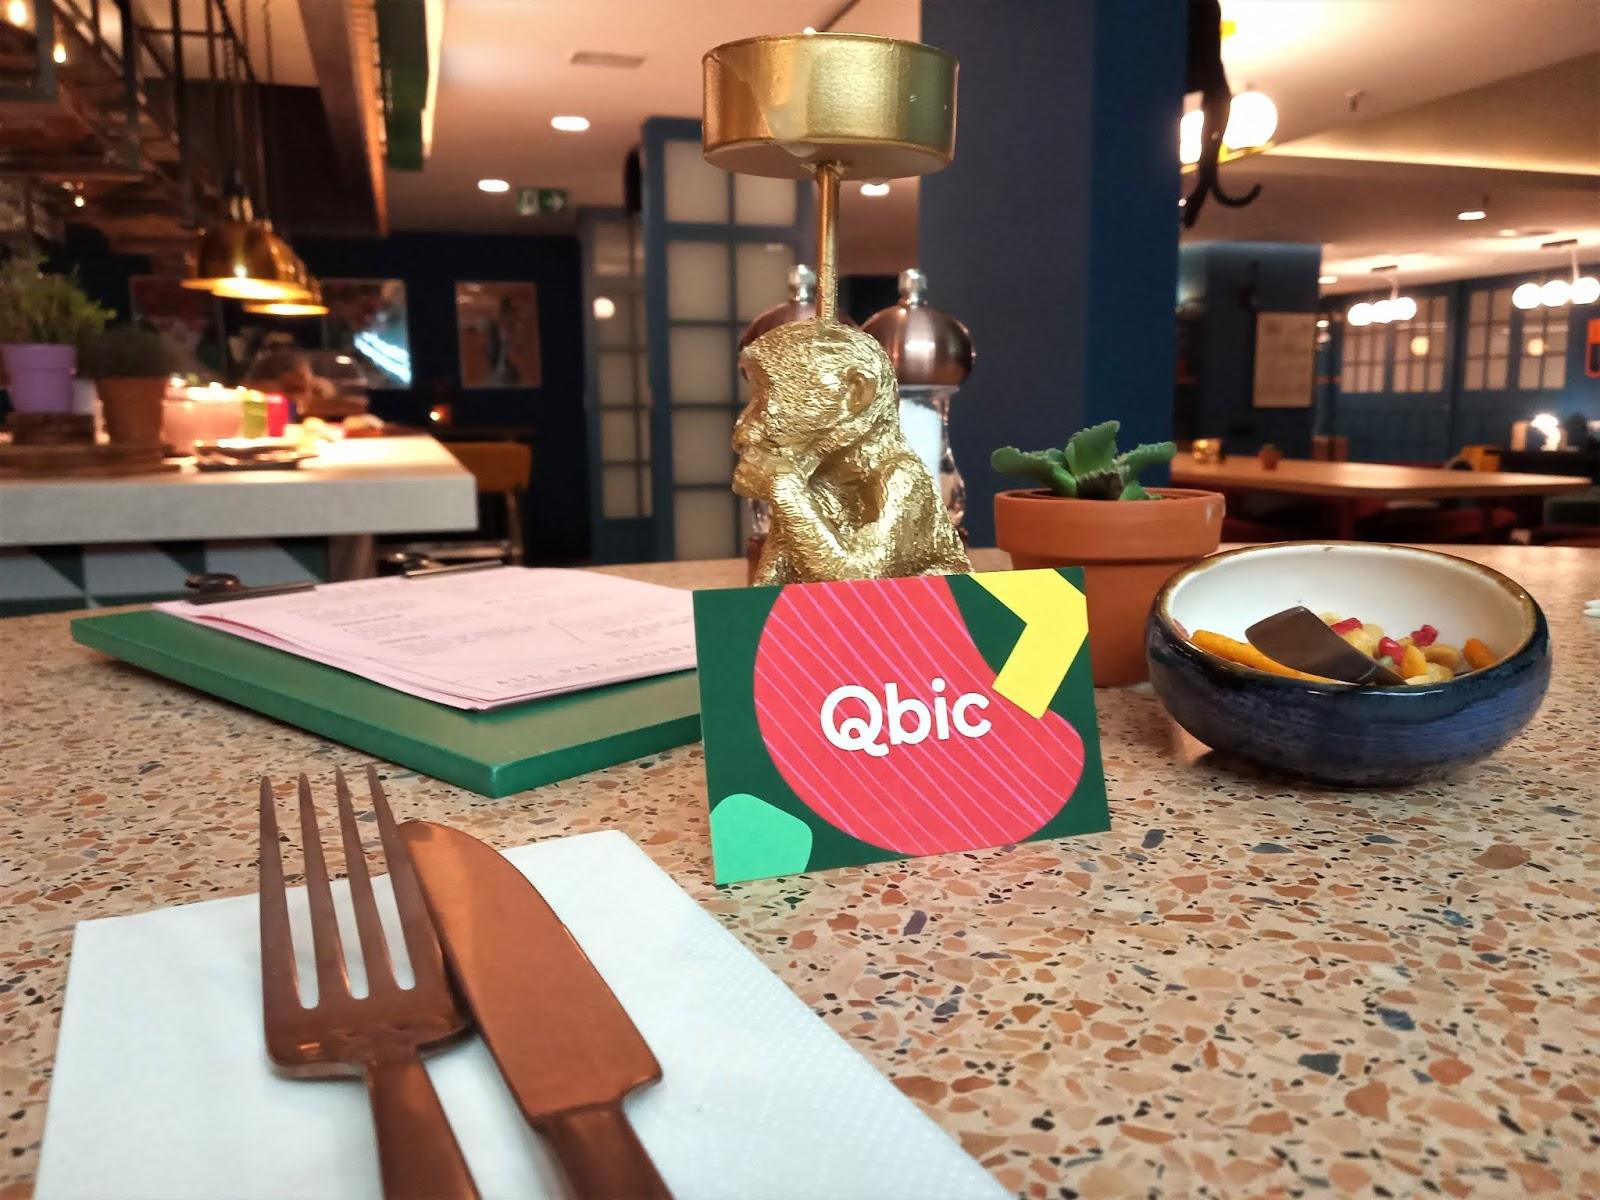 Qbic hotel bruxelles ecoresponsable famille